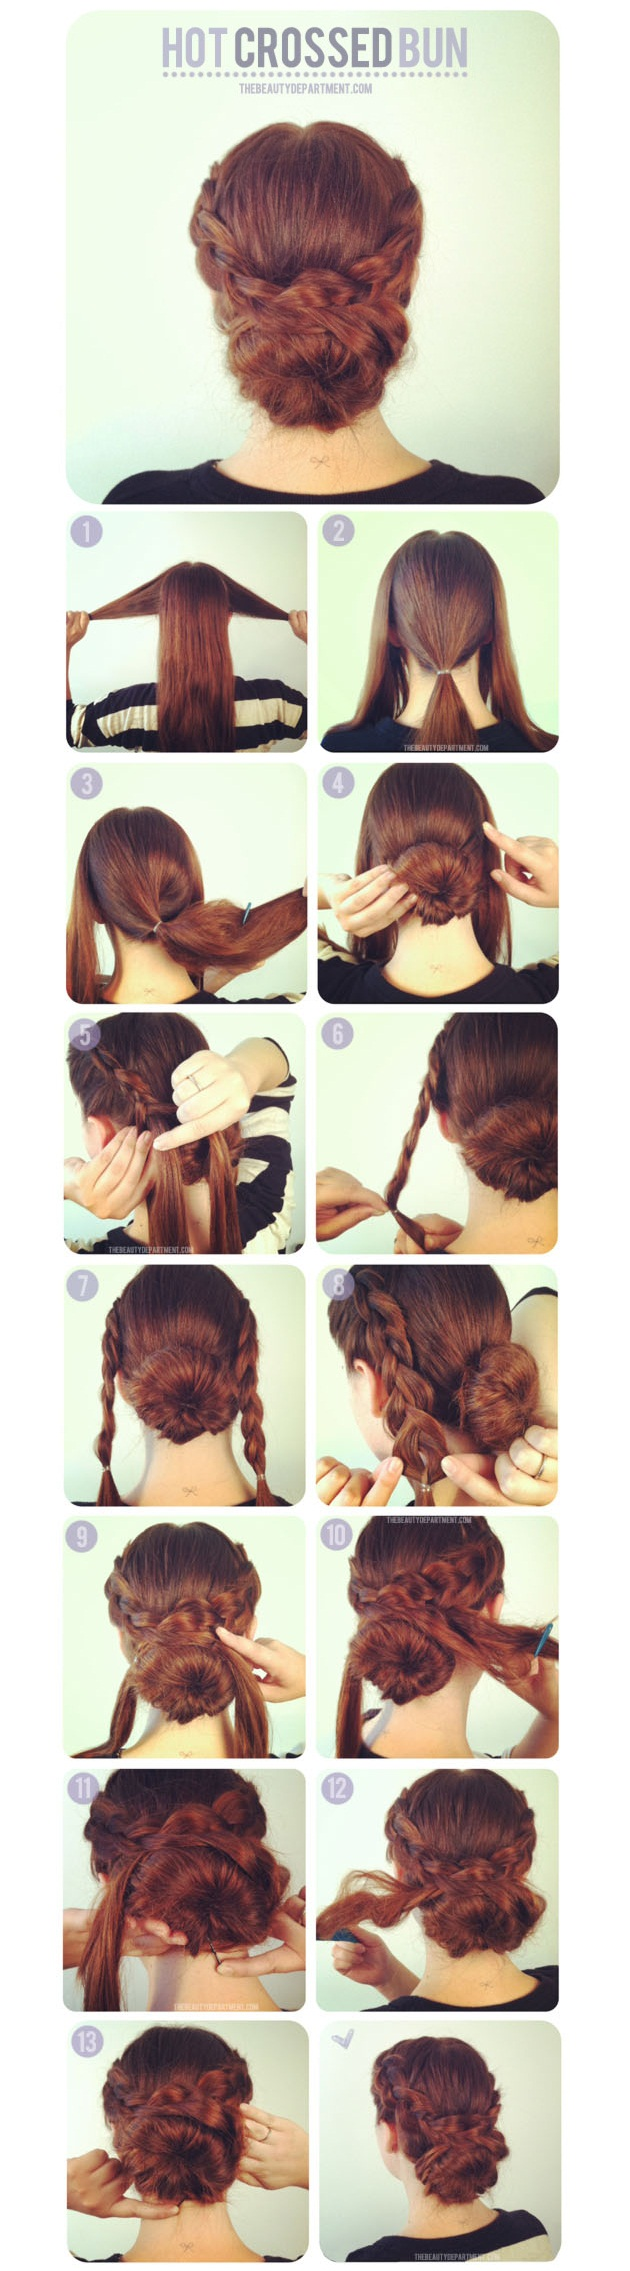 Penteado-tutorial-Blog-da-Lari-Duarte-coque-com-tranças-laterais-como-fazer